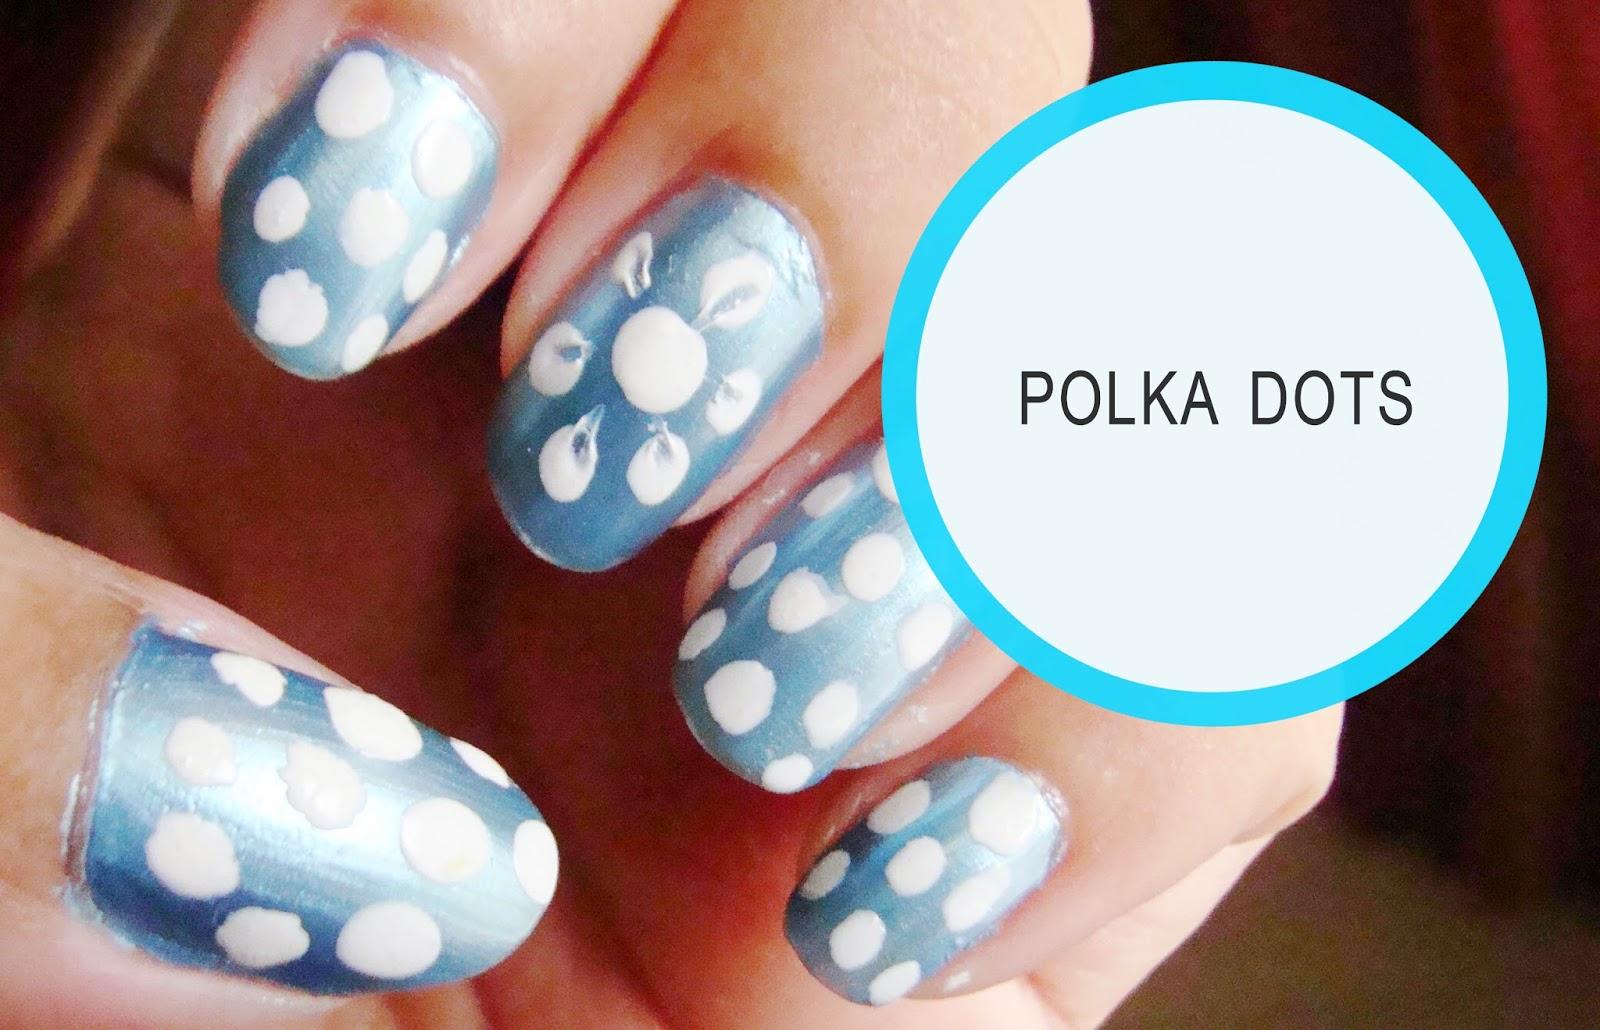 Diy Polka Dots Nail Art Beauty And Lifestyle Mantra Indian